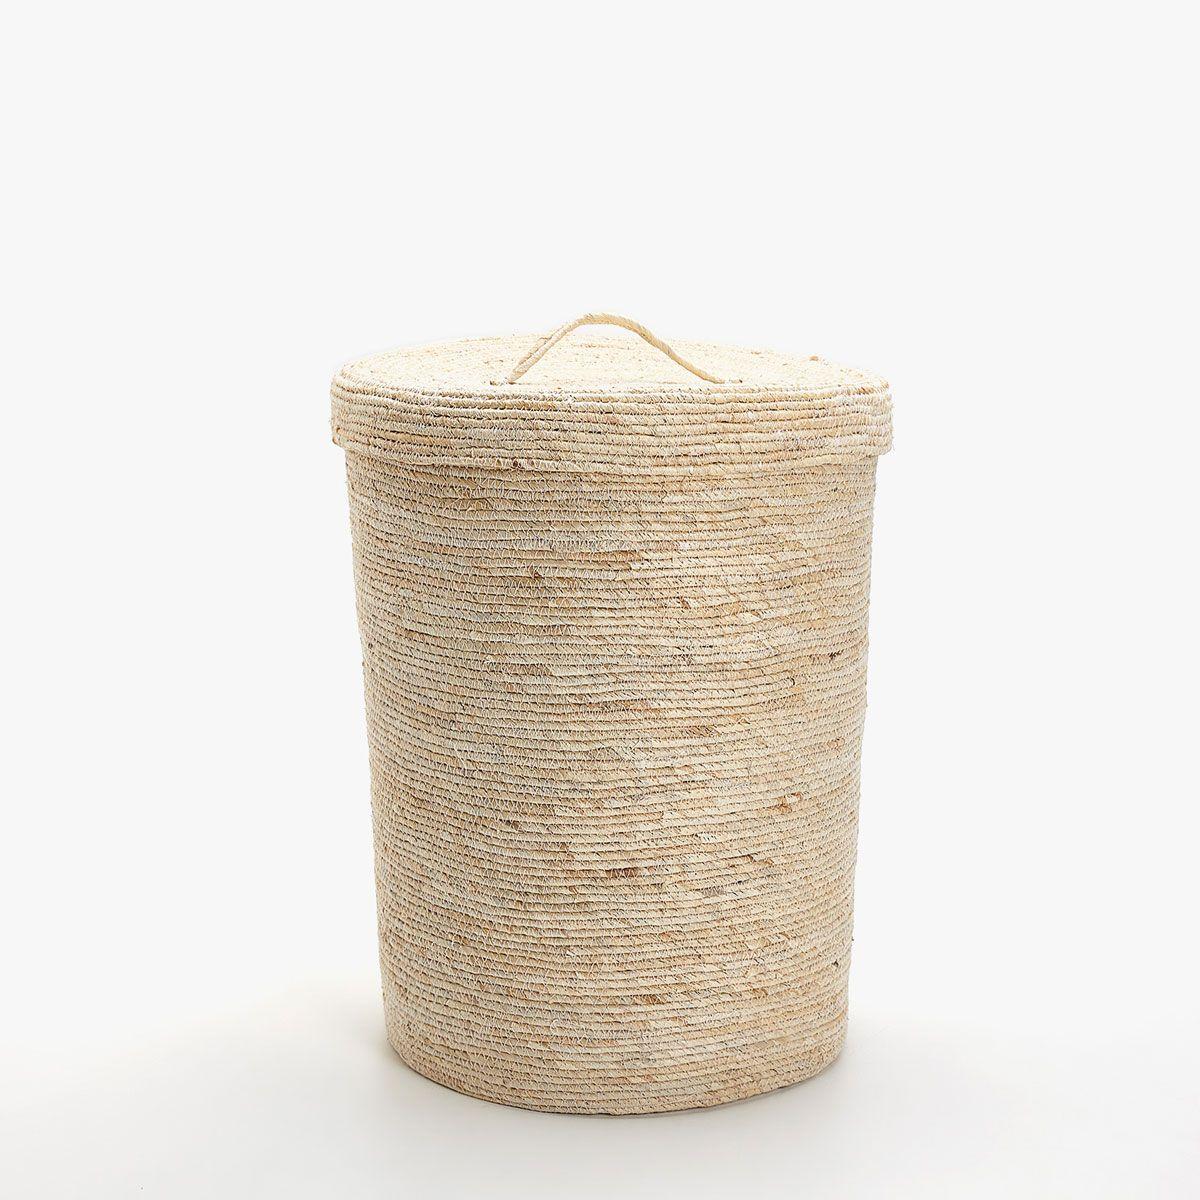 Imagen 1 Del Producto Cesta Ropa Color Natural Casa De Blanca  # Muebles Junco Santo Domingo